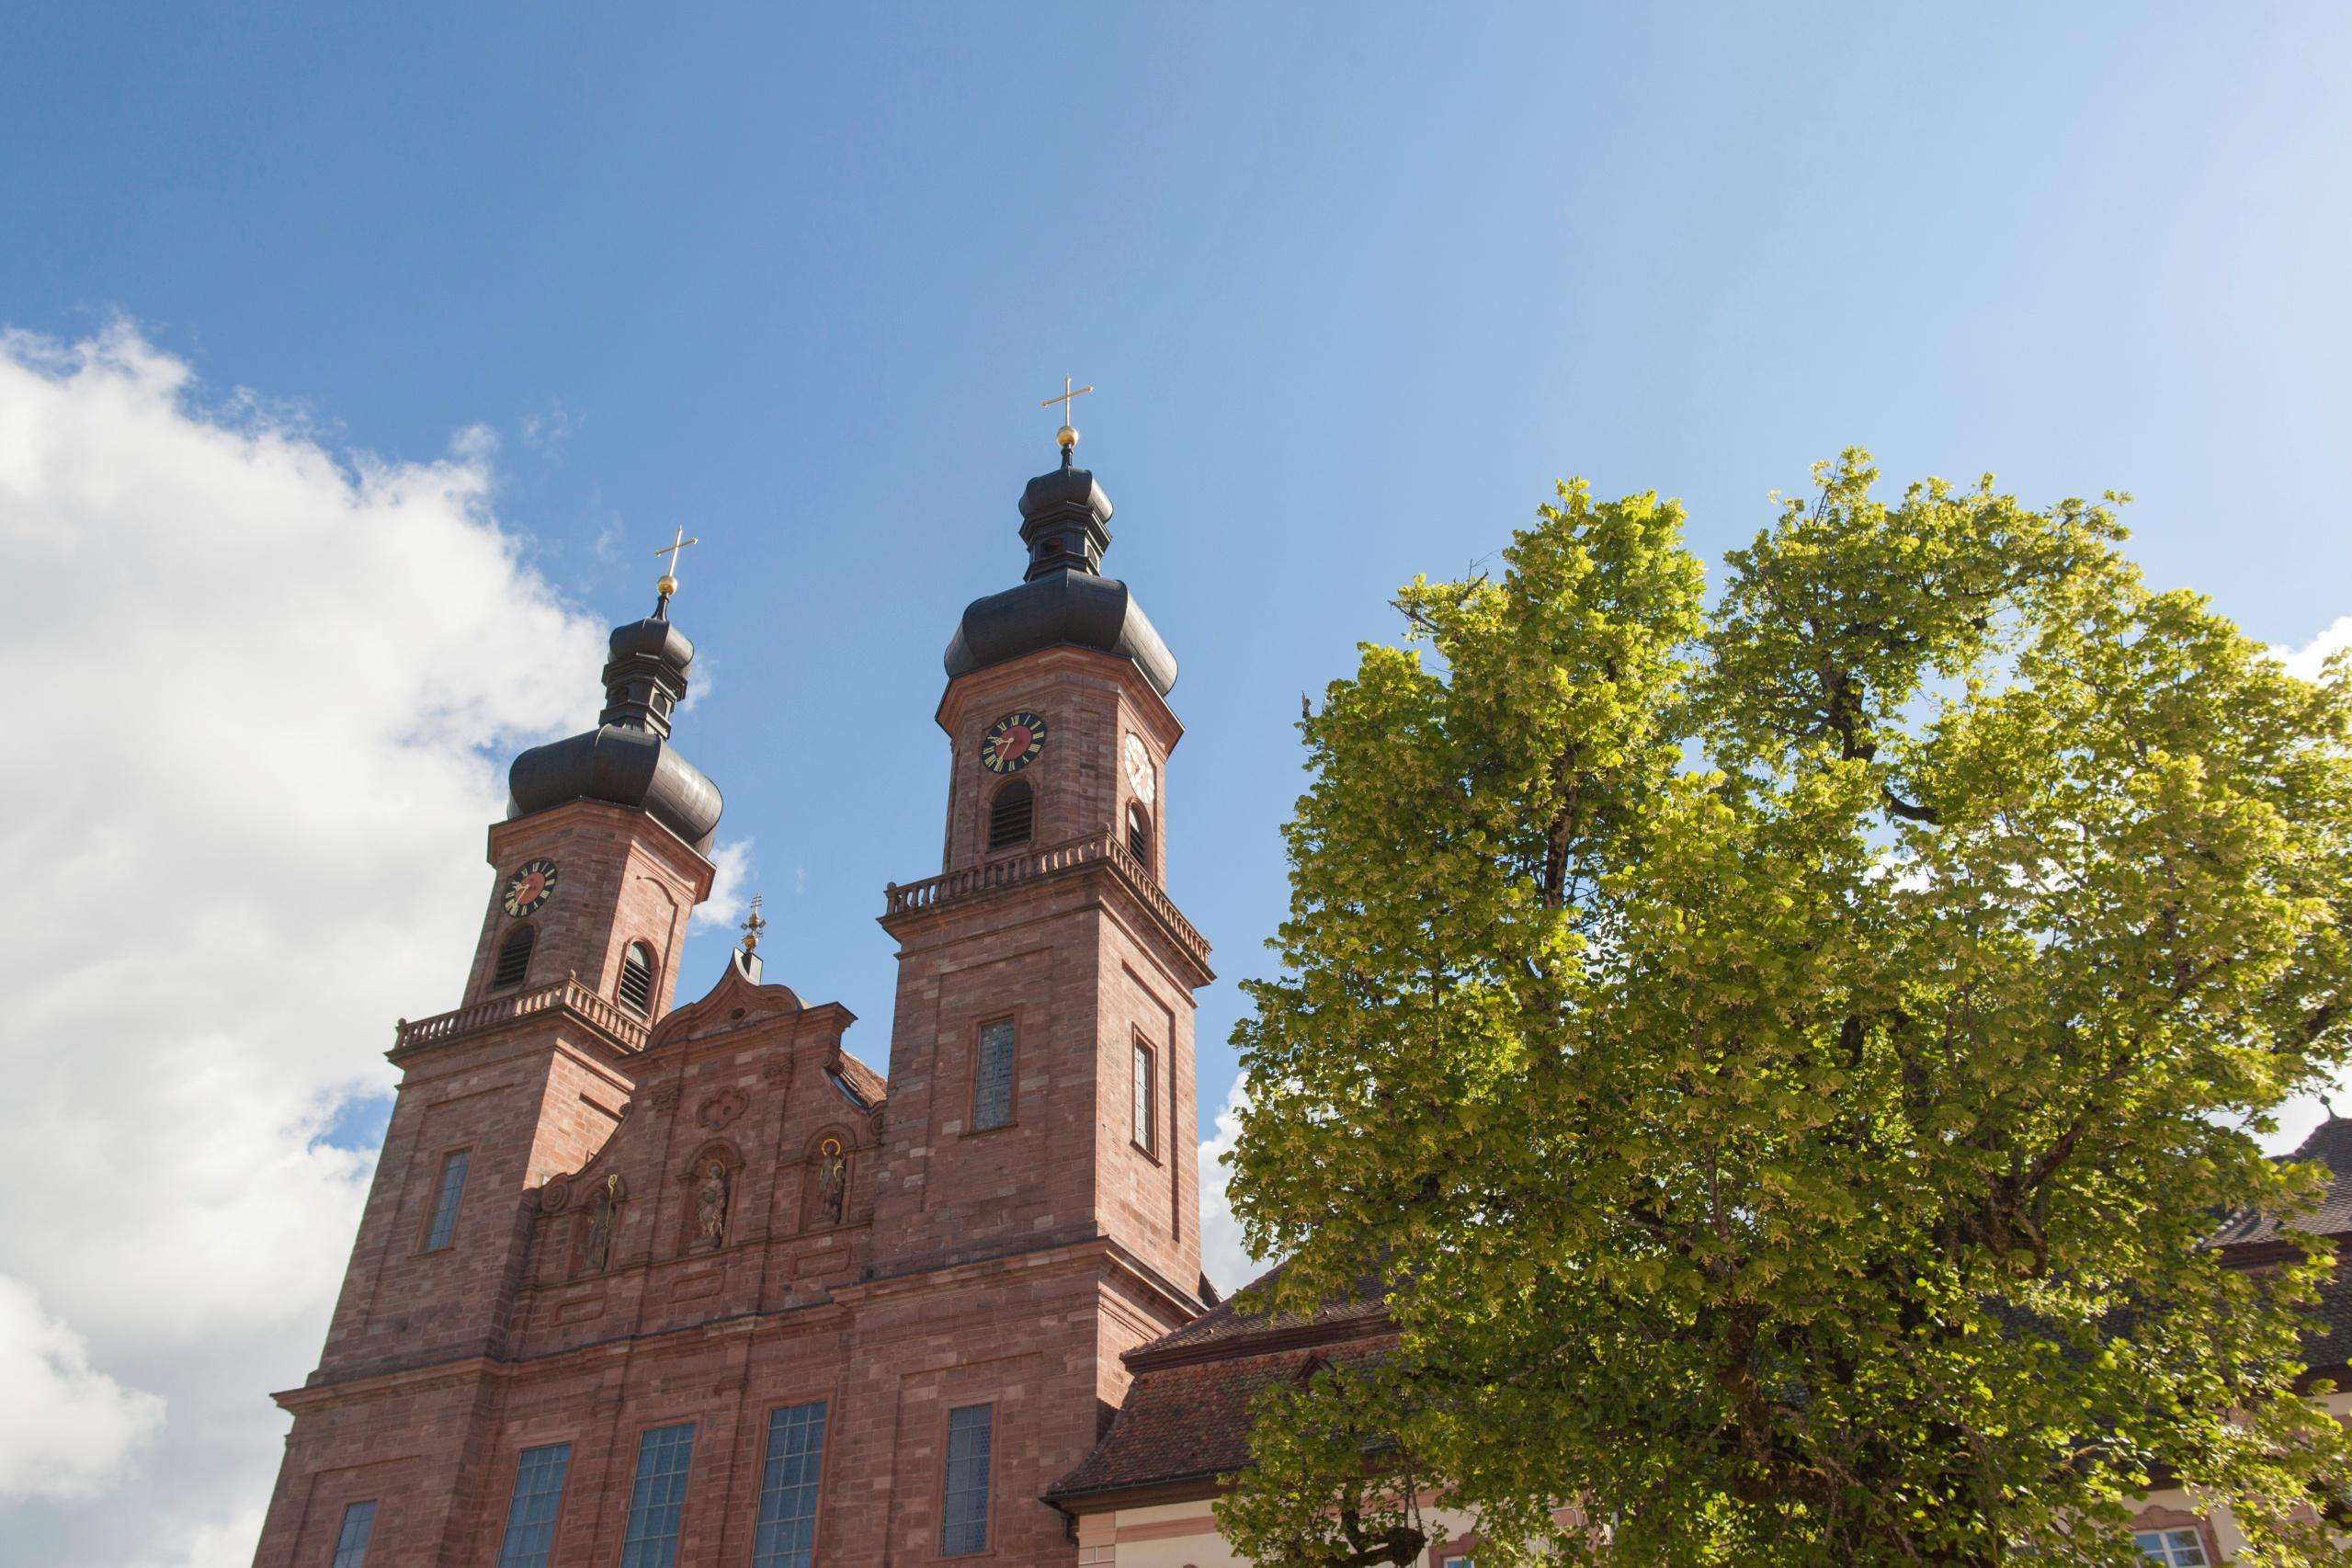 Barrockkirche St. Peter Türme